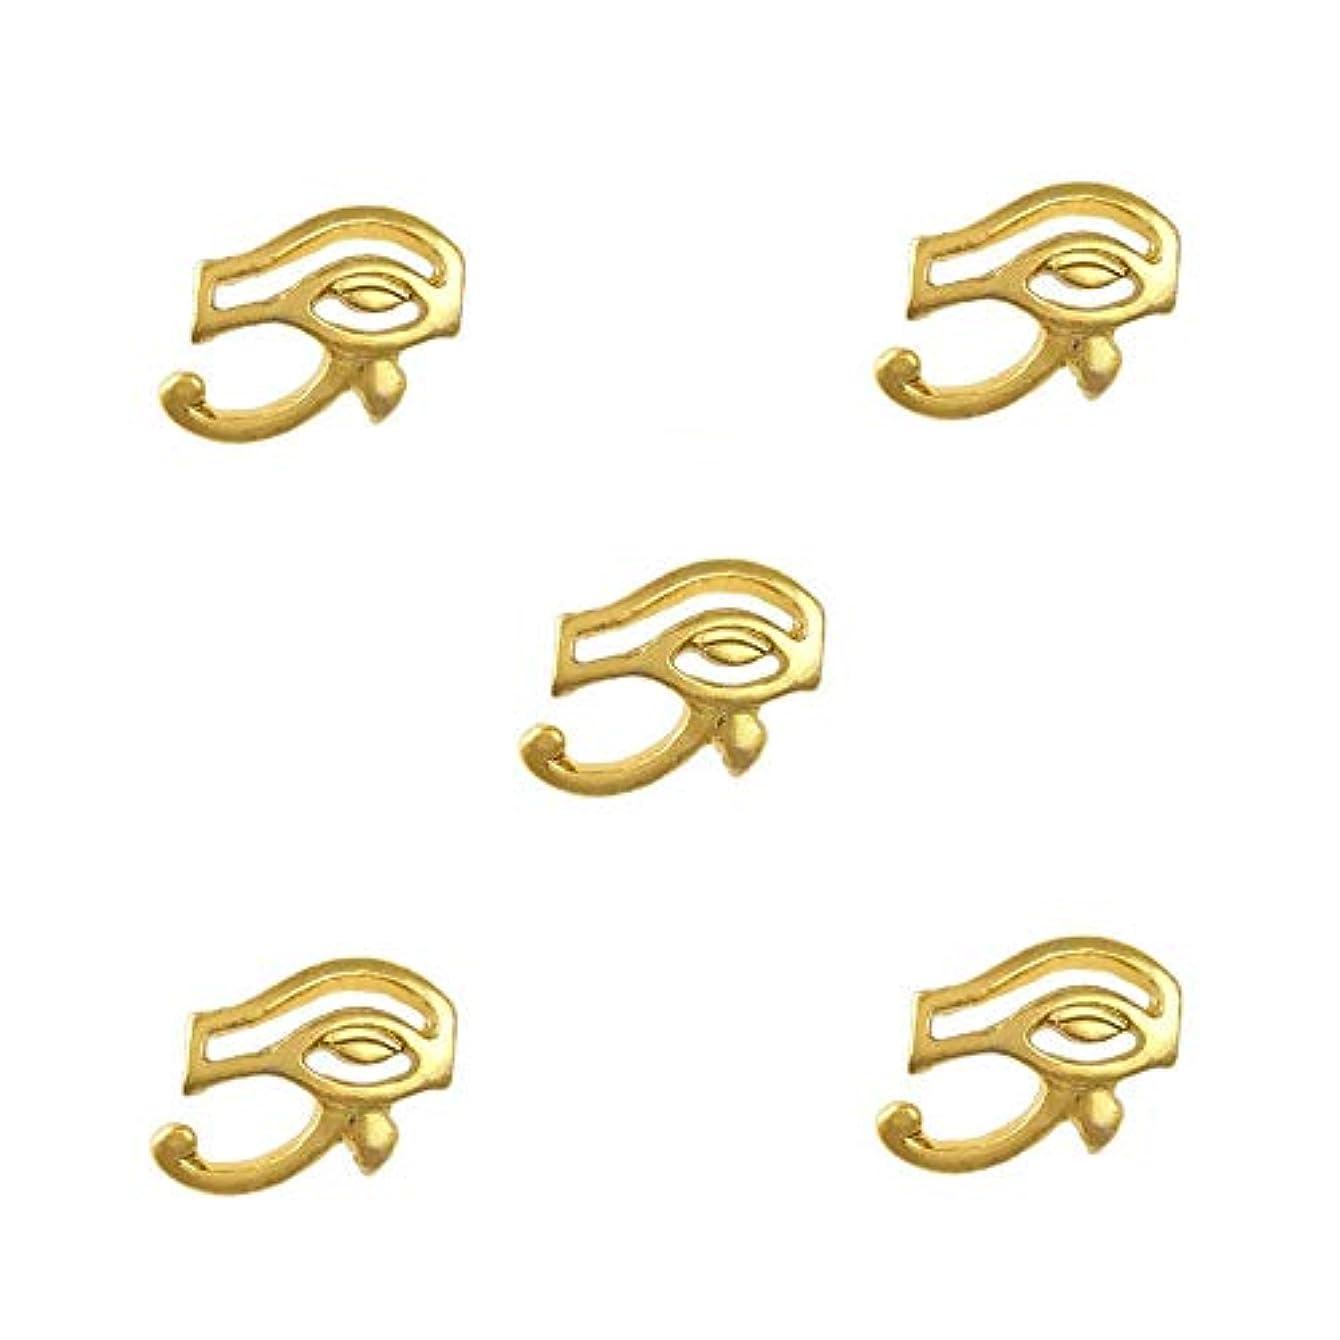 スリム入力政治家のホルスネイルアートの装飾合金エジプトのテーマトーテムマニキュア用品の3Dゴールデンアイ10個入り